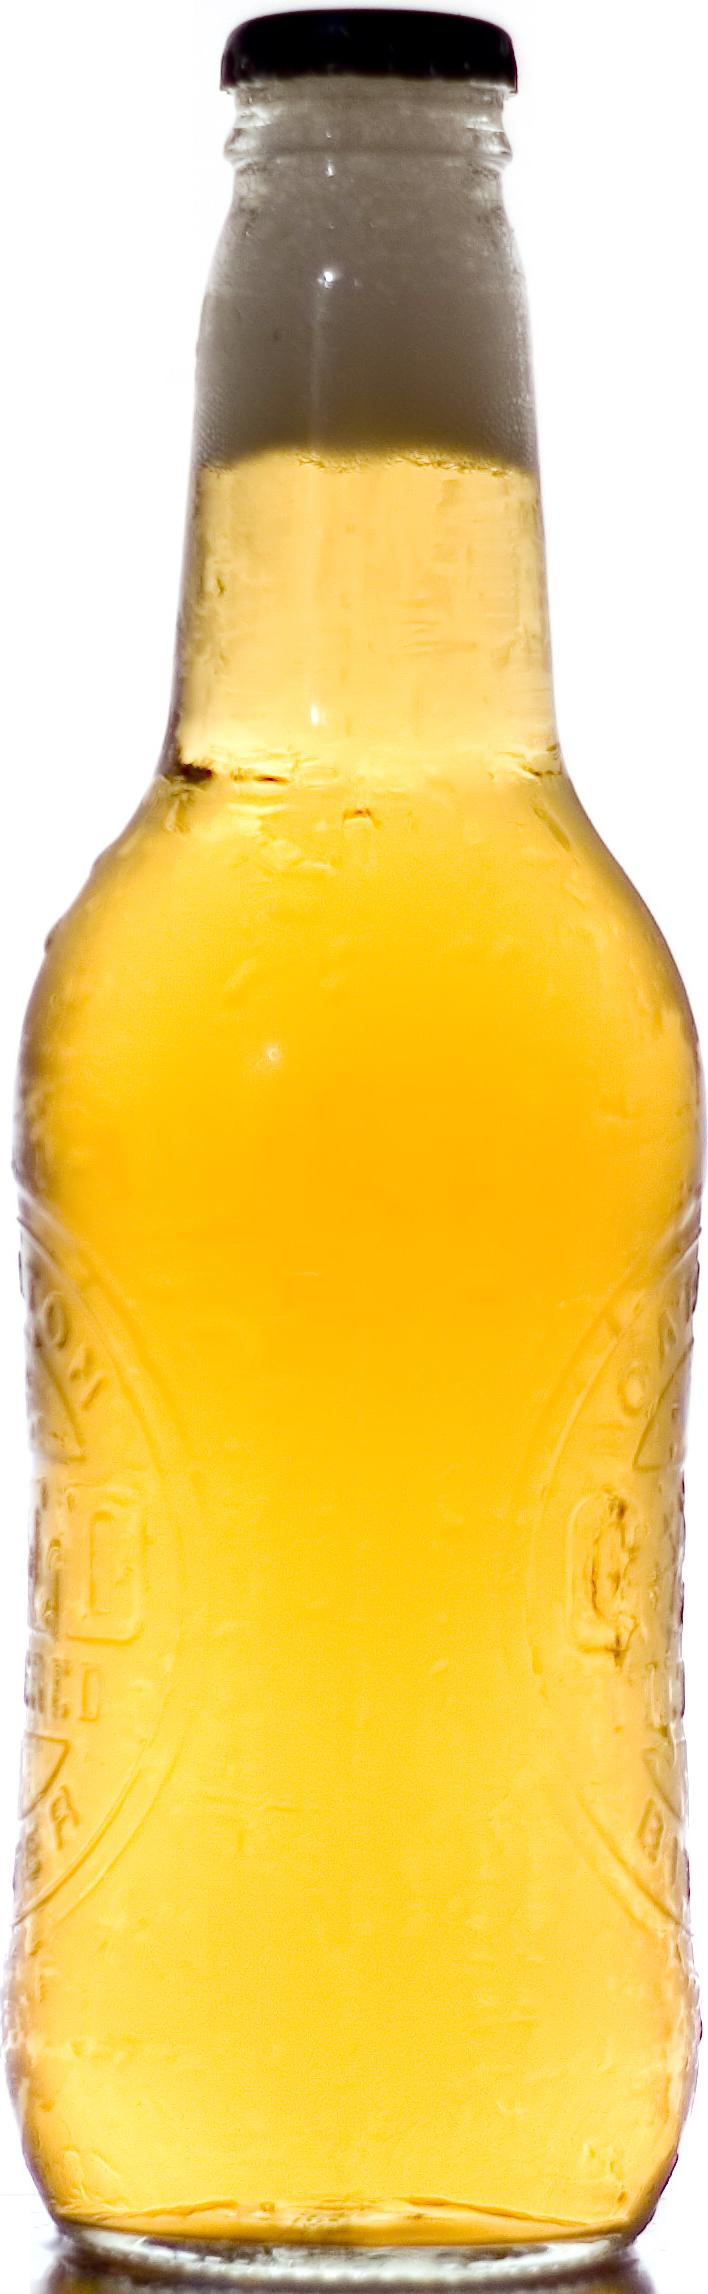 Beer bottle PNG image, download picture - Beer Bottle PNG HD